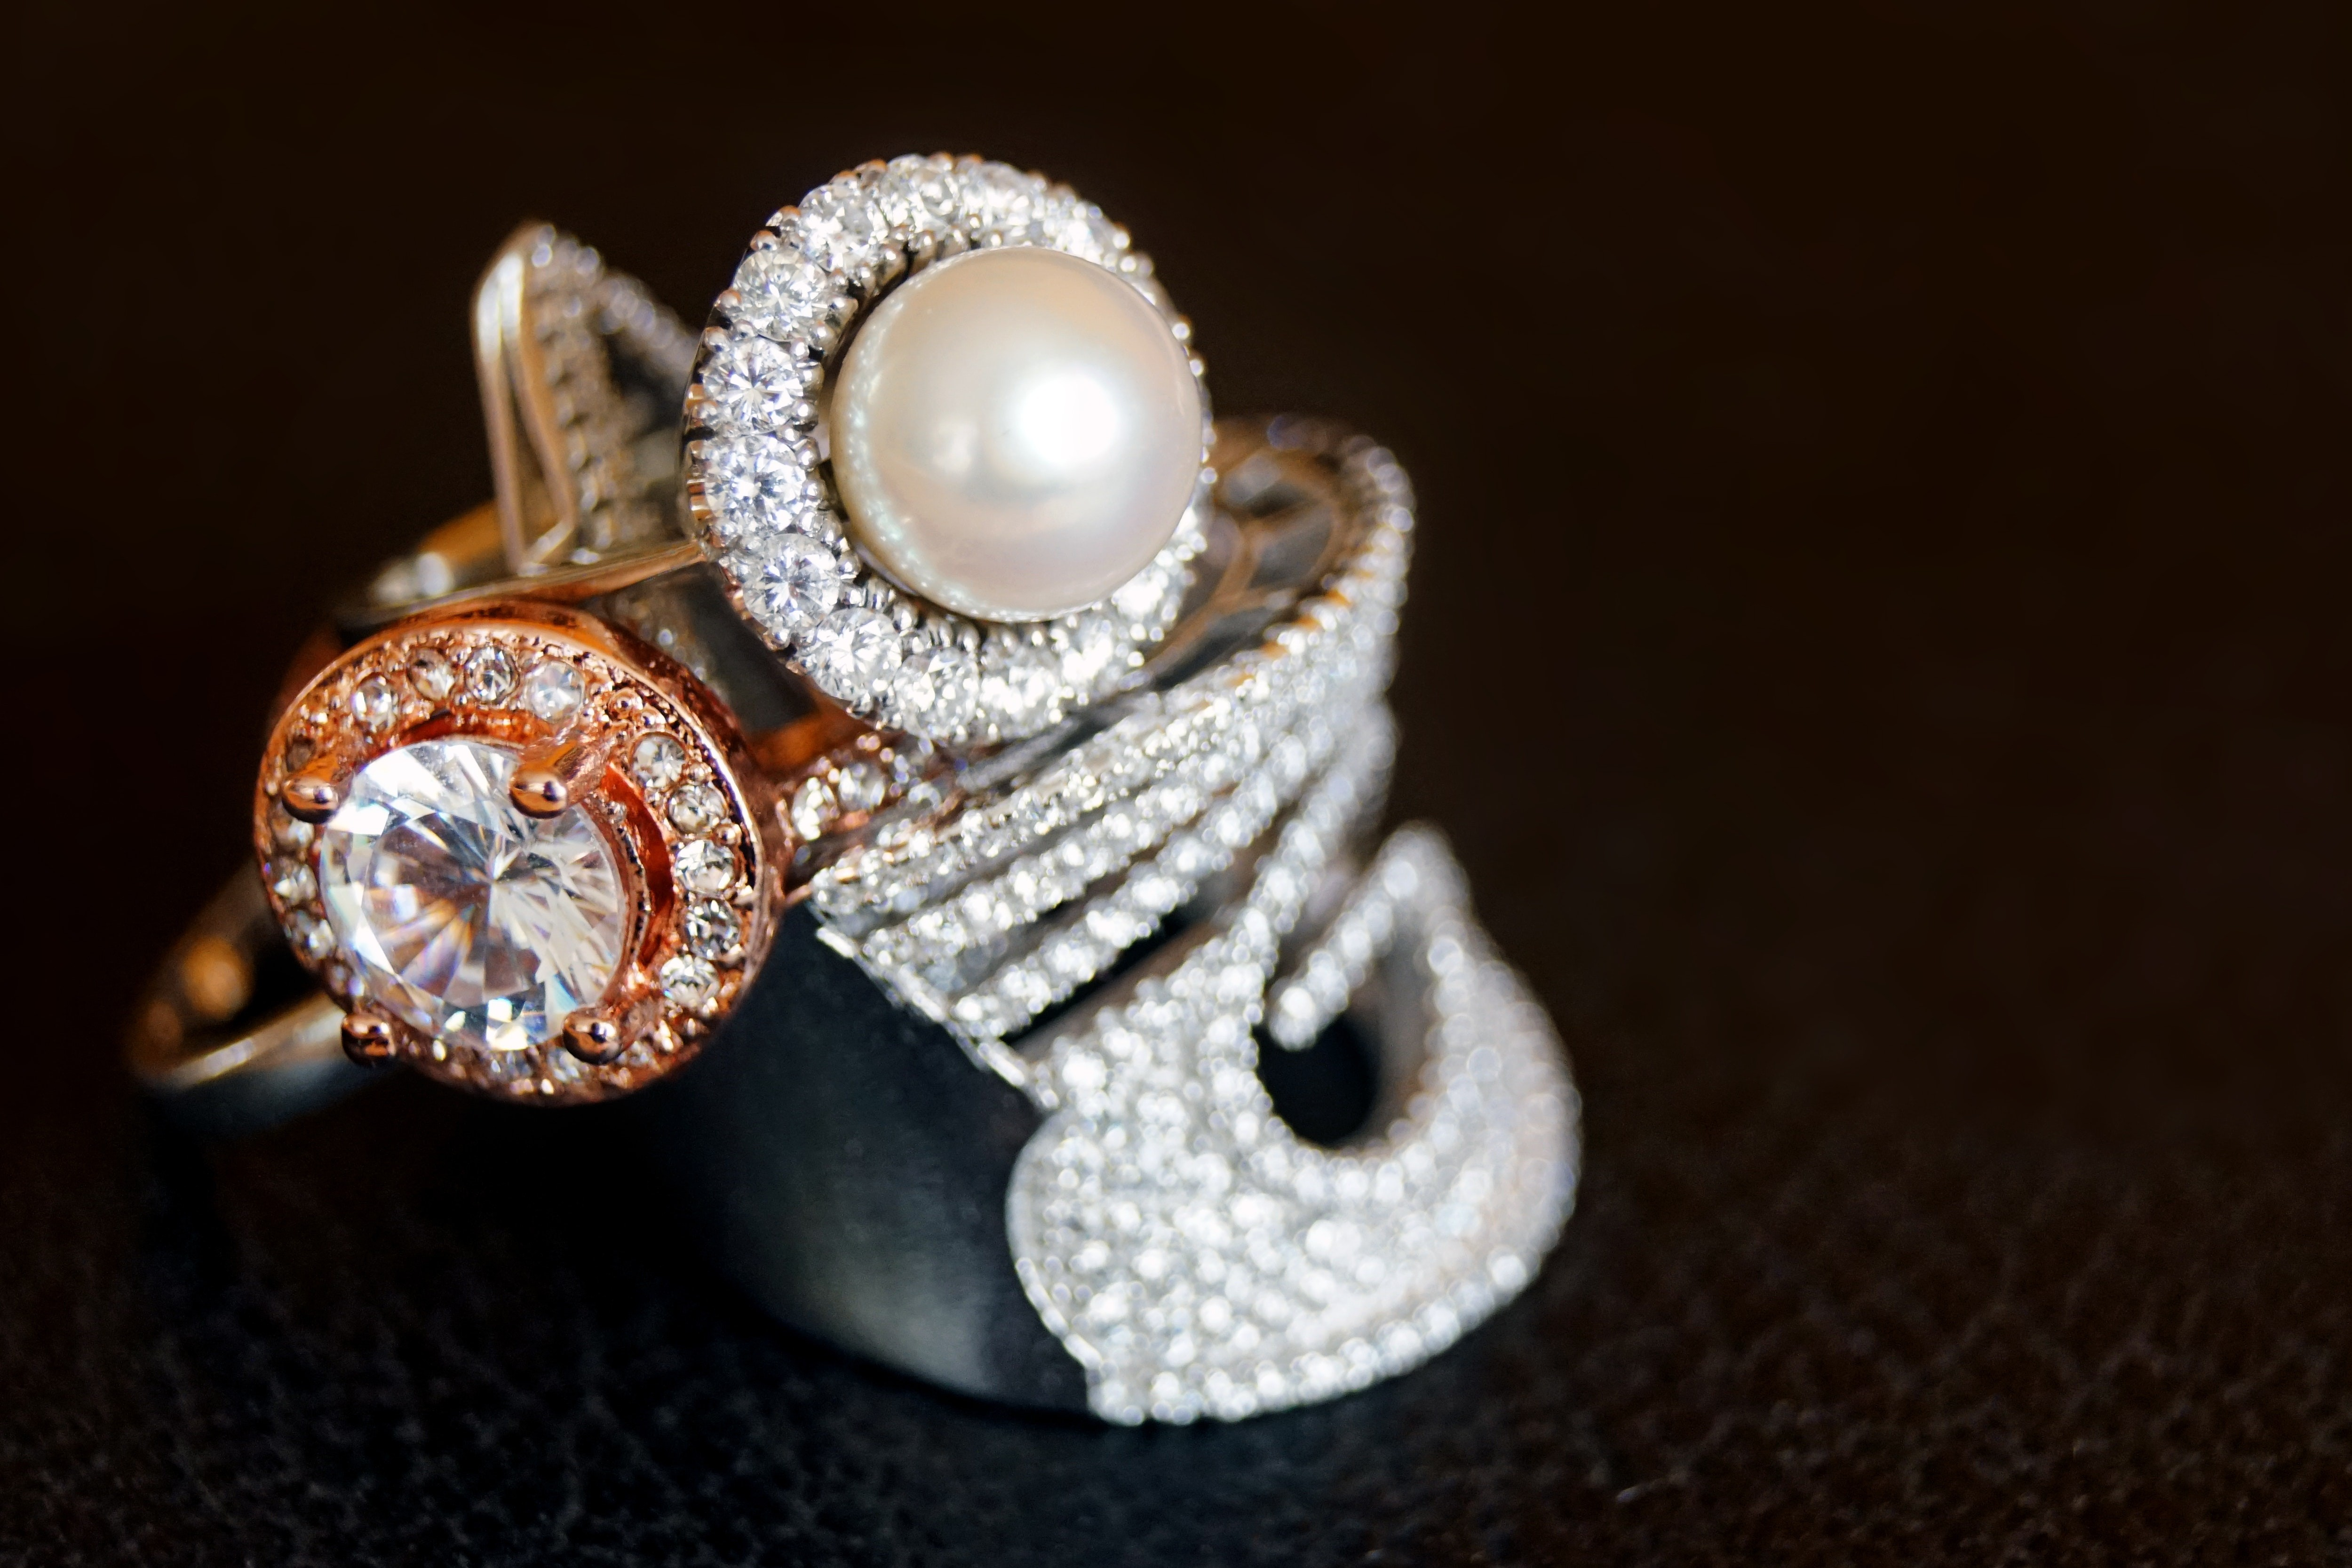 珍珠戒指(圖/取自免費圖庫Pexels)